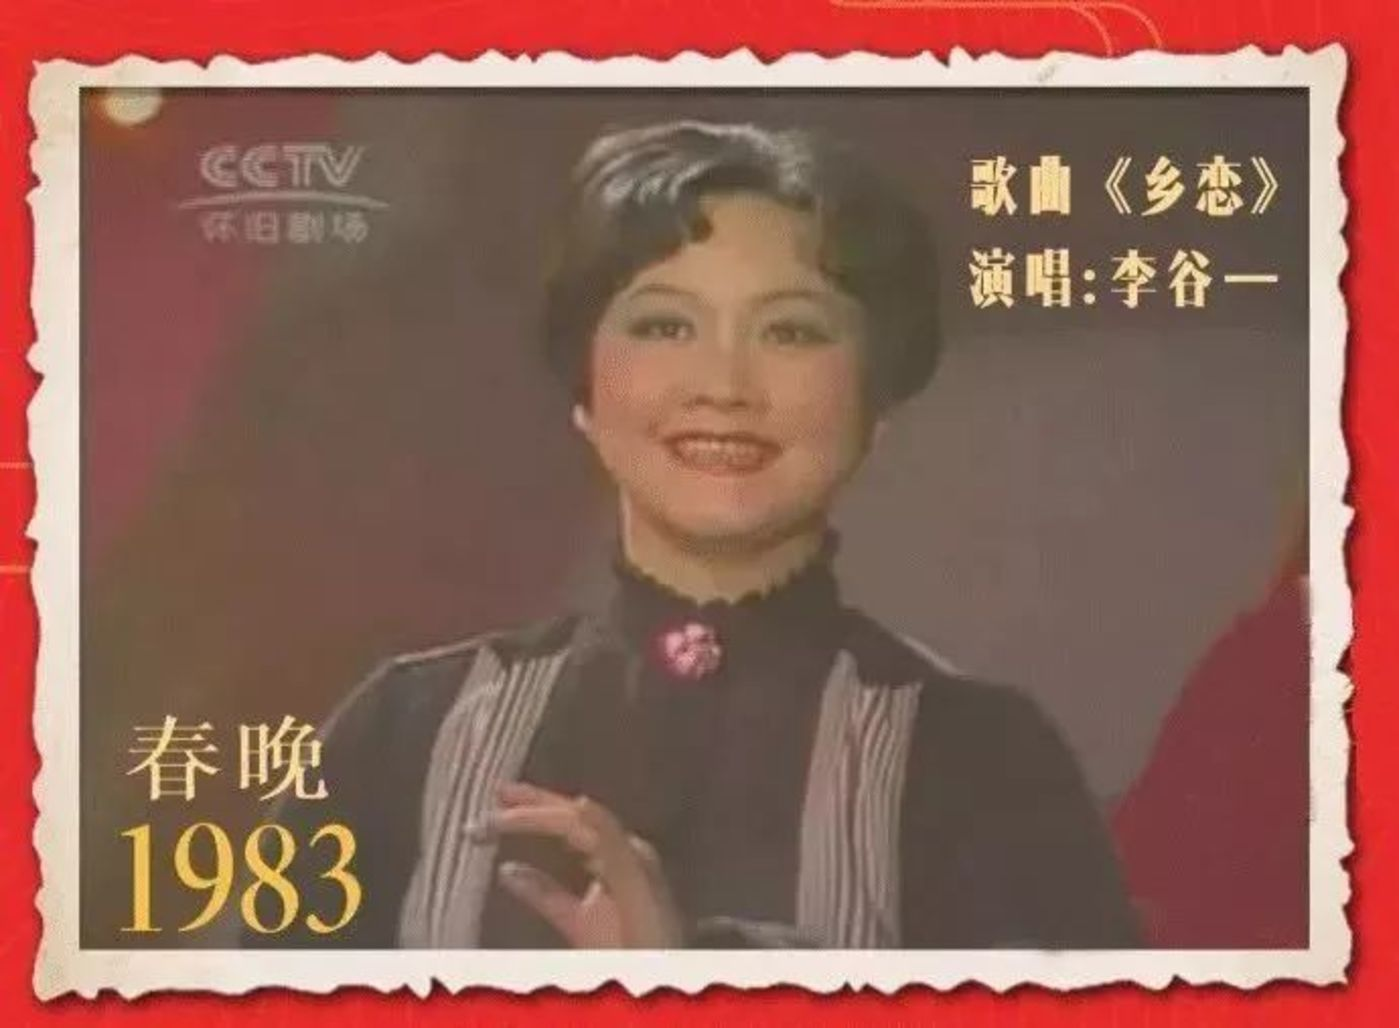 1983年李谷一的《乡恋》